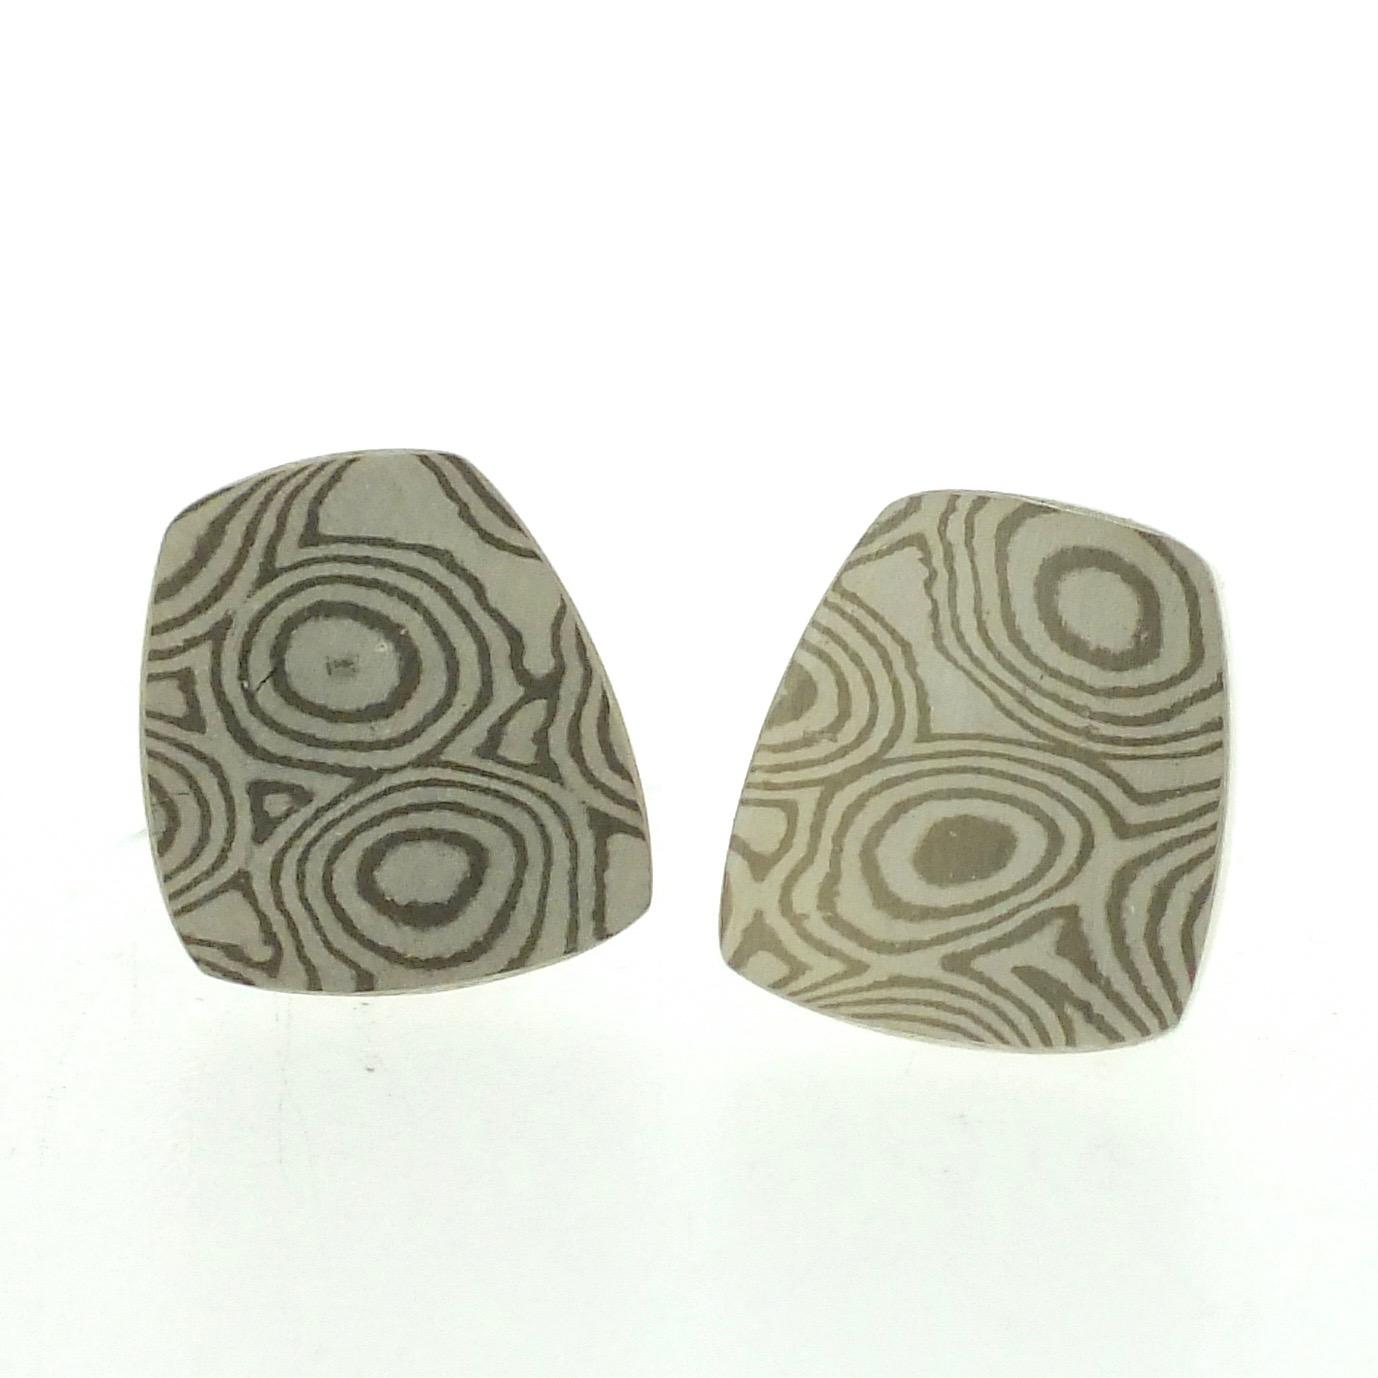 18k white gold and silver mokume gane fower neukit stud earrings